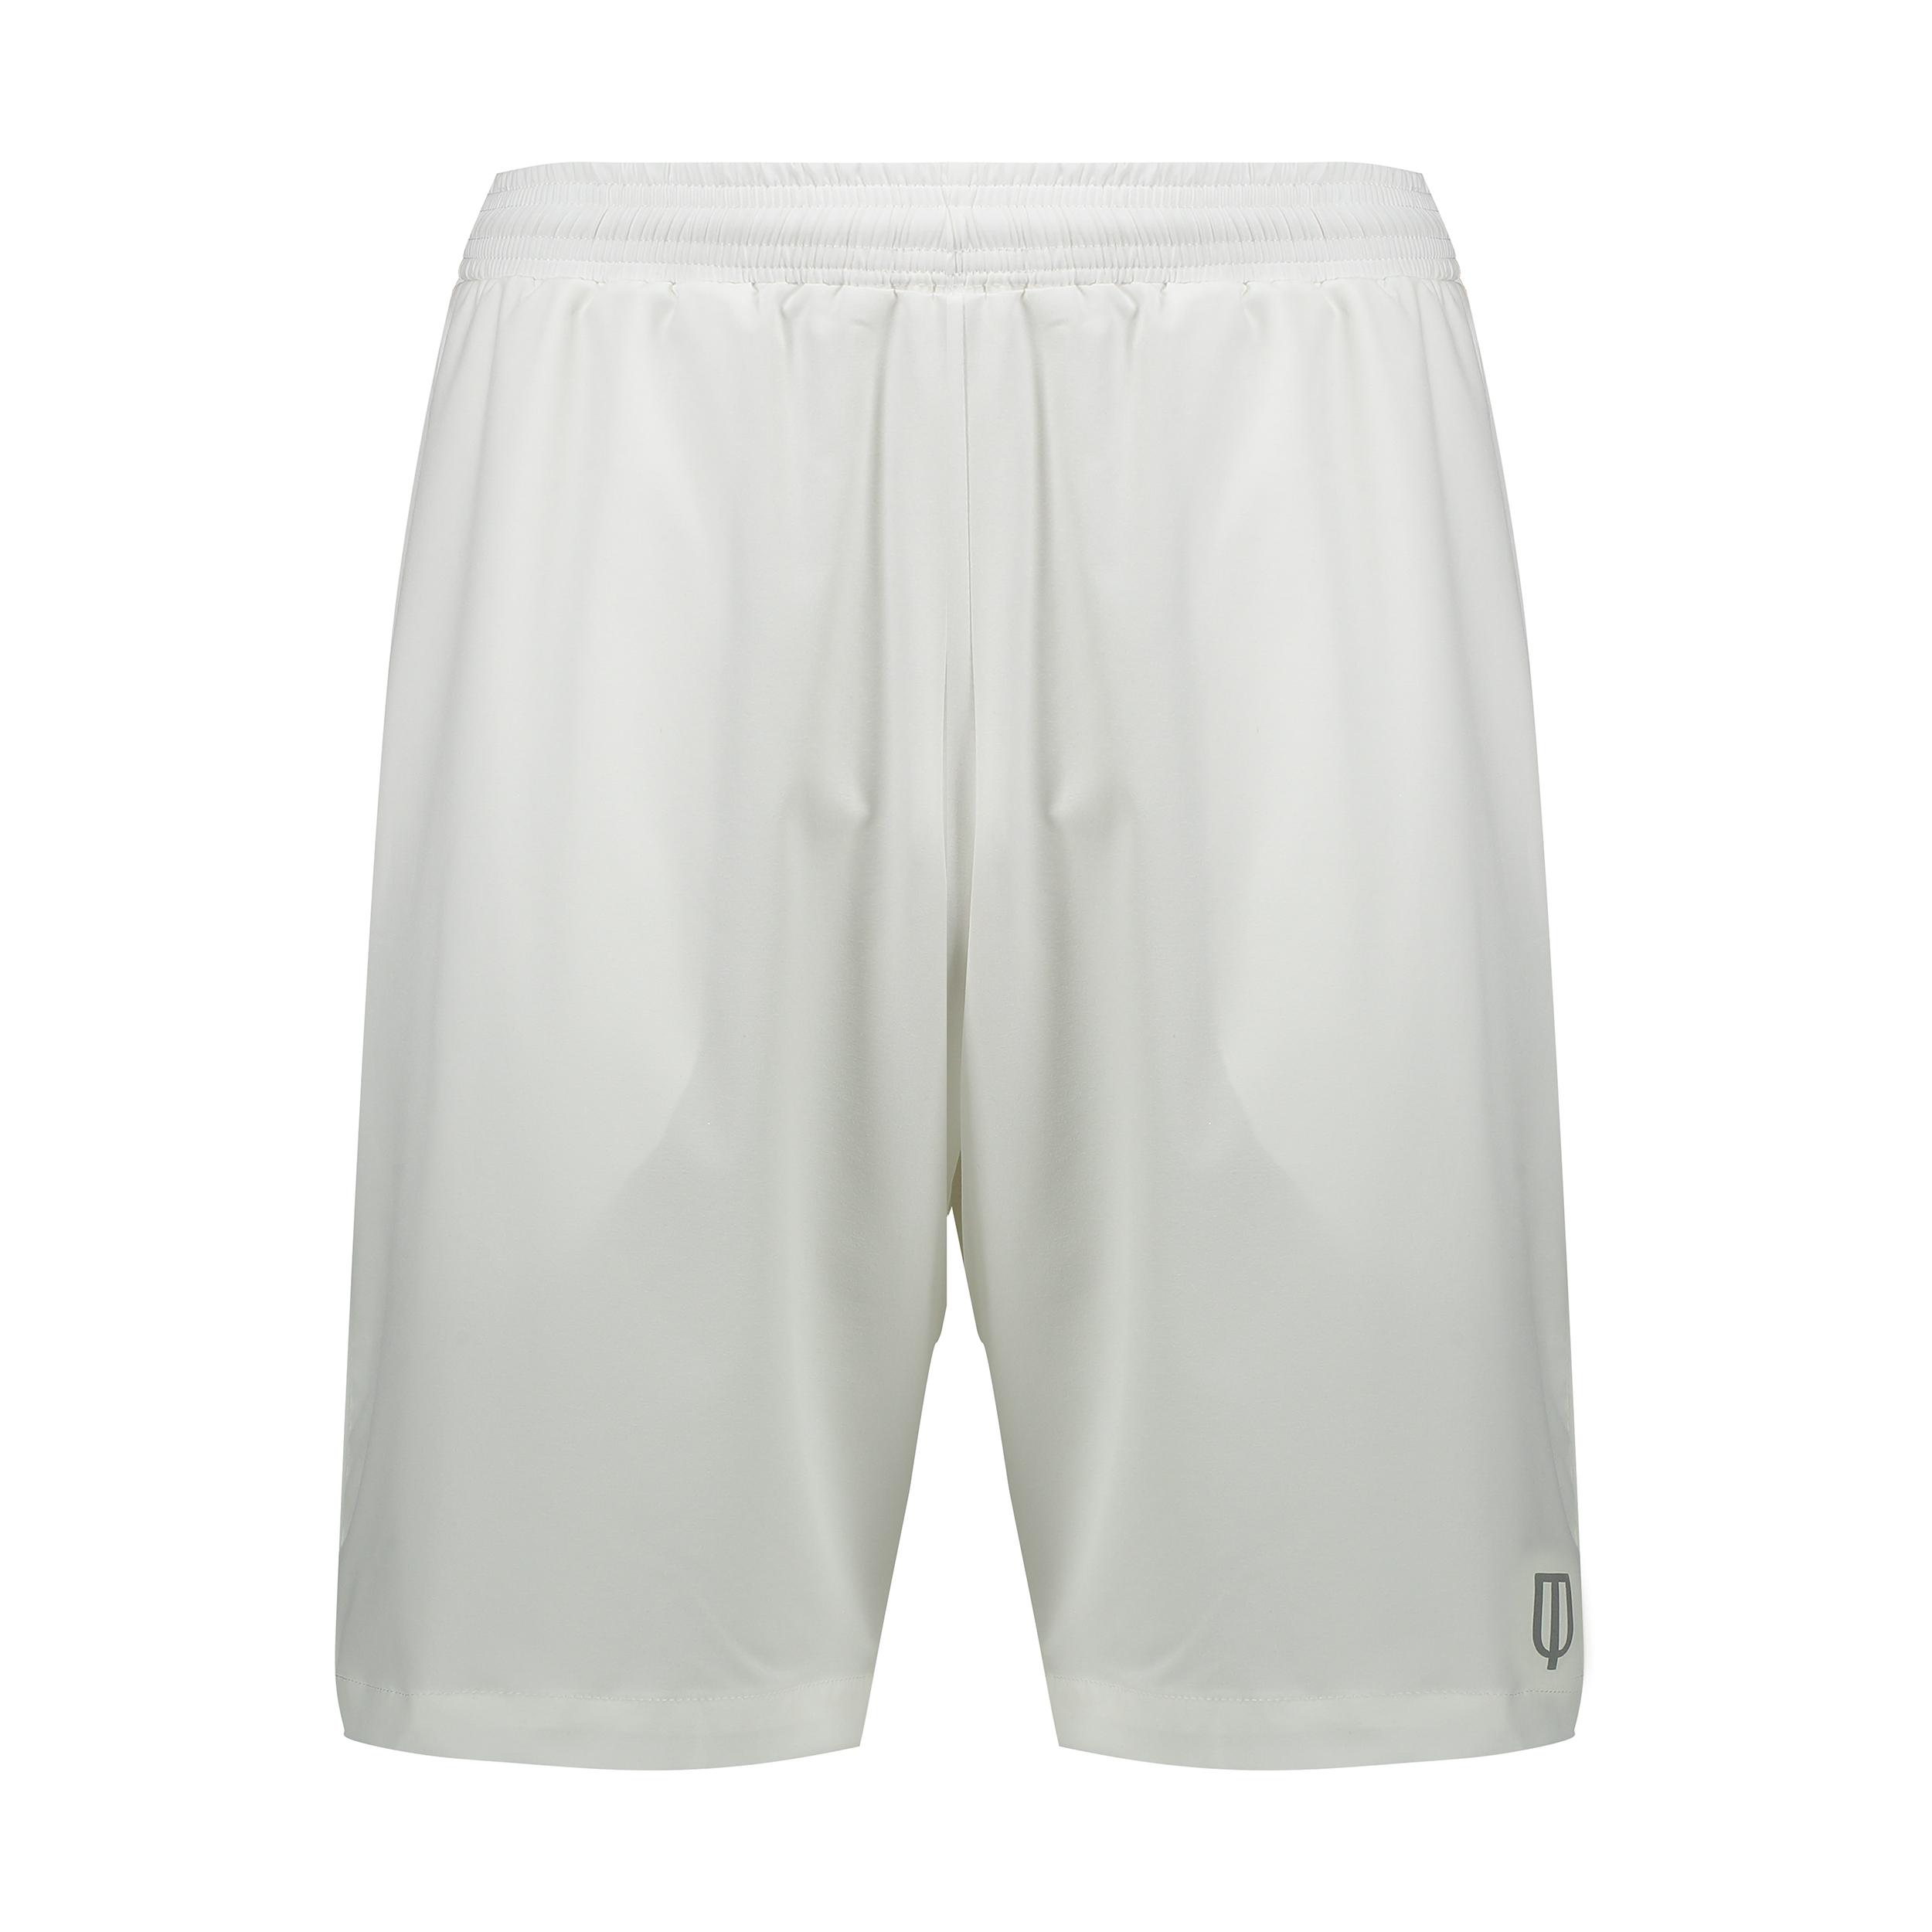 شلوارک ورزشی مردانه یونی پرو مدل 912339306-00